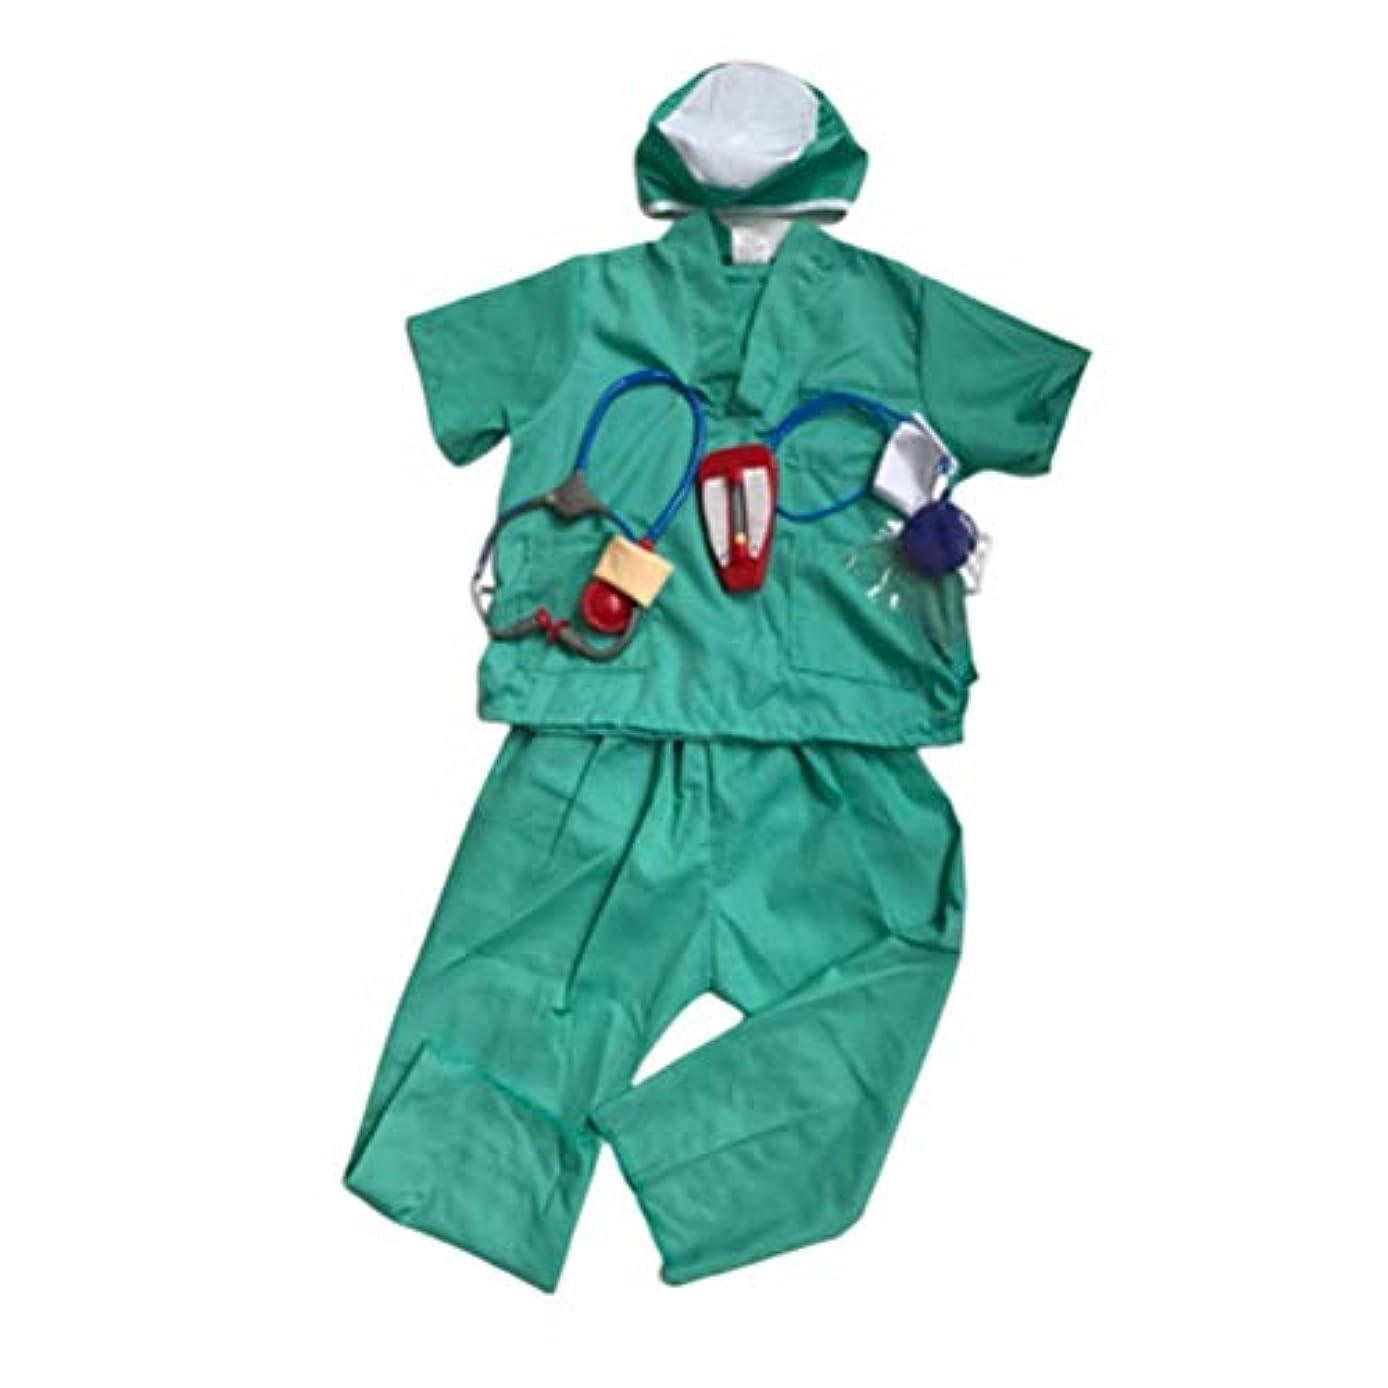 強い精査する心のこもったAmosfunドクターユニフォーム子供のための子供手術ガウンコスプレ衣装ロールプレイ衣装ハロウィン仮装パーティー